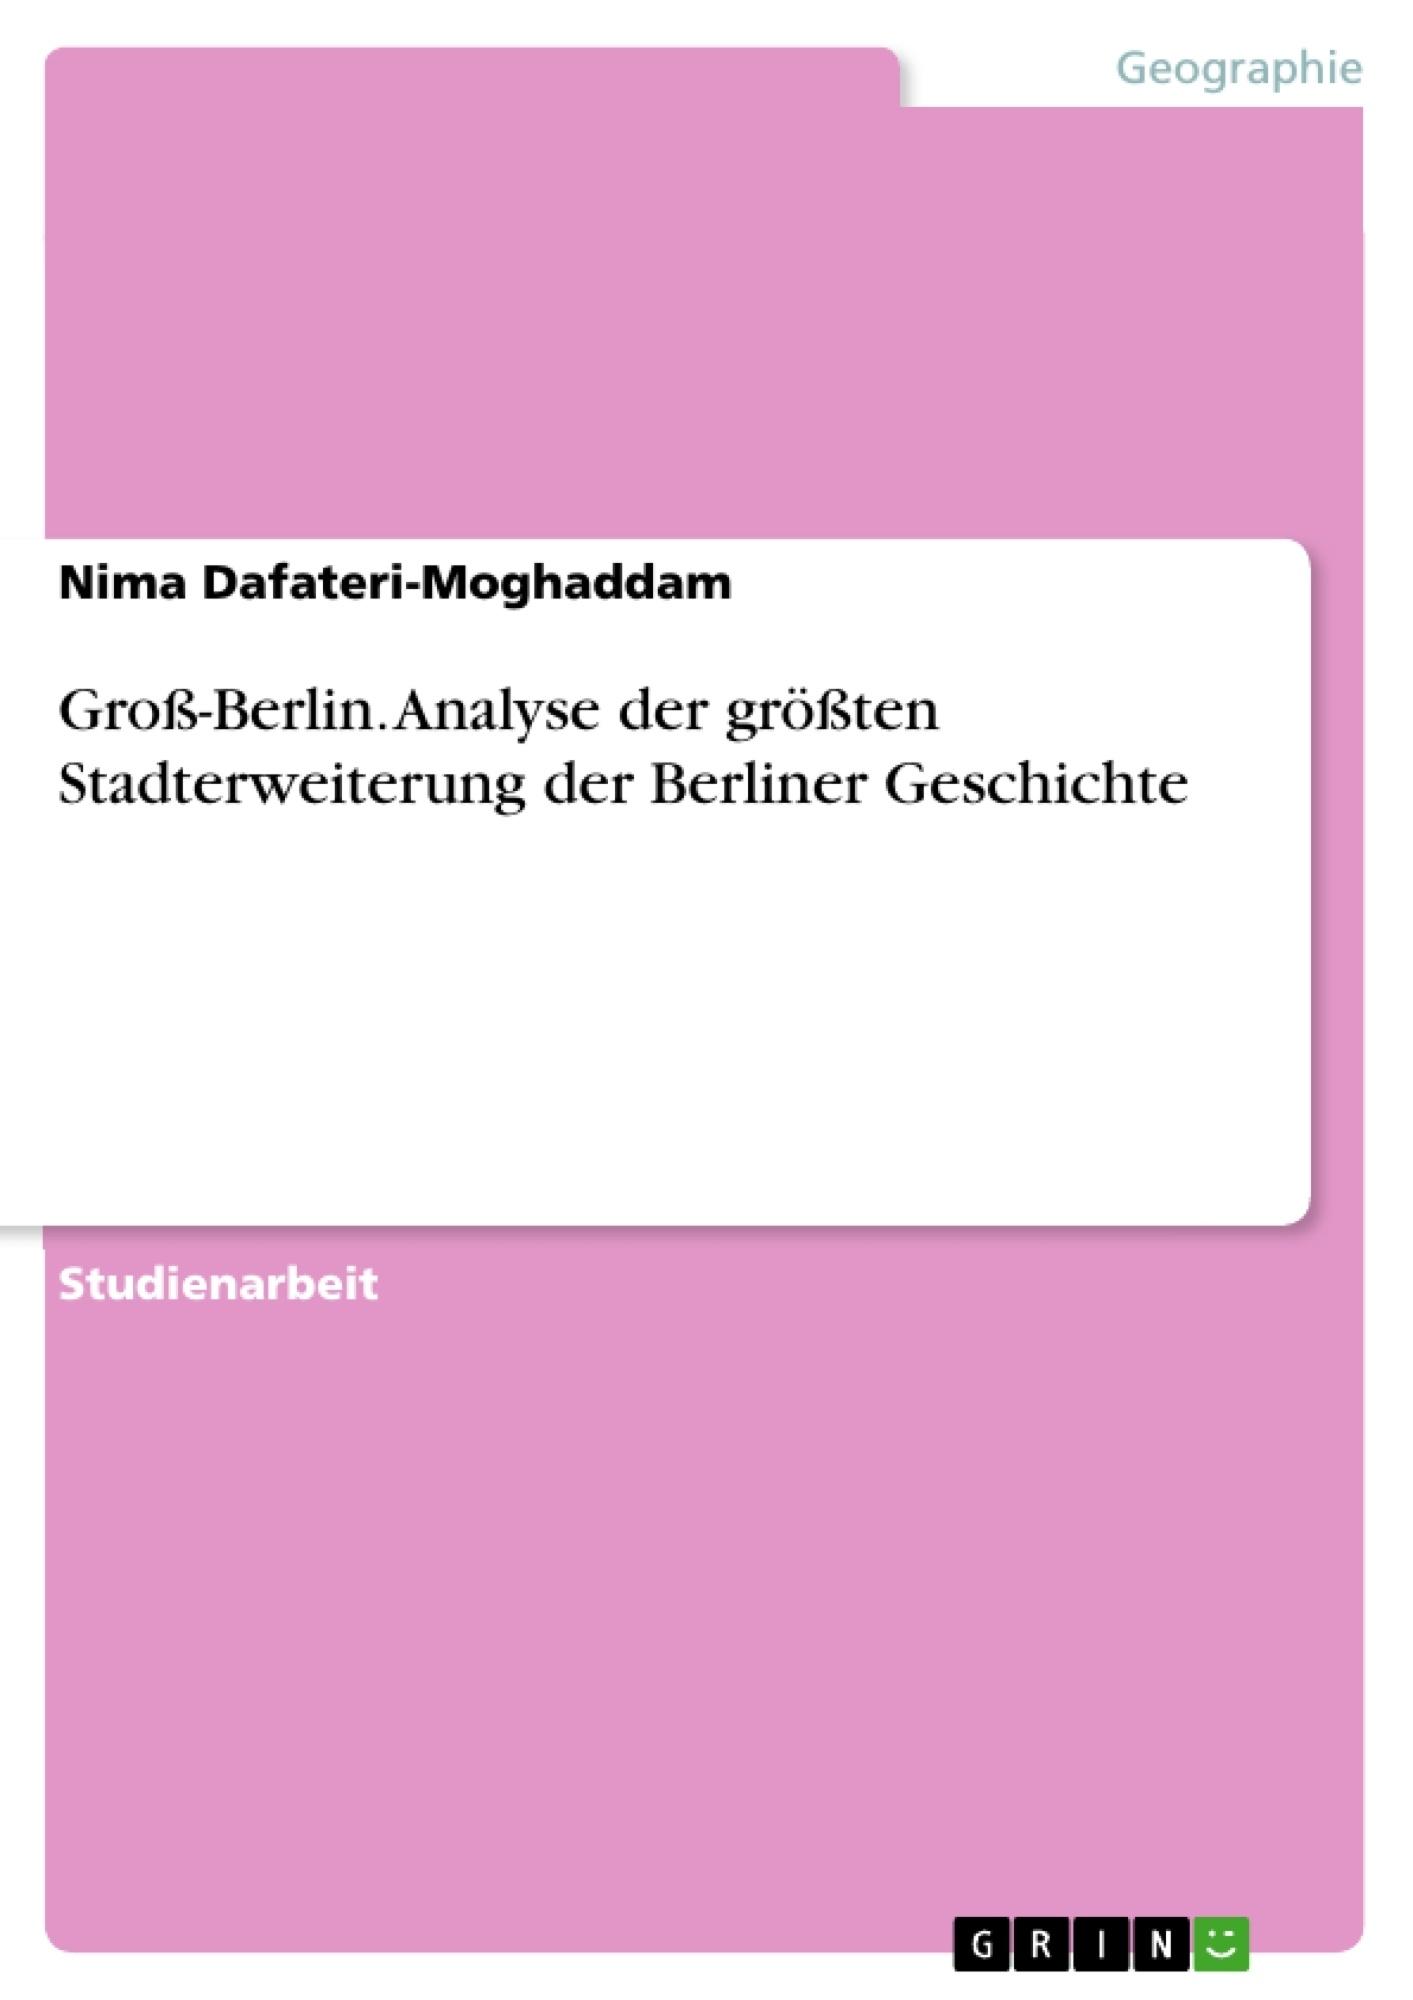 Titel: Groß-Berlin. Analyse der größten Stadterweiterung der Berliner Geschichte